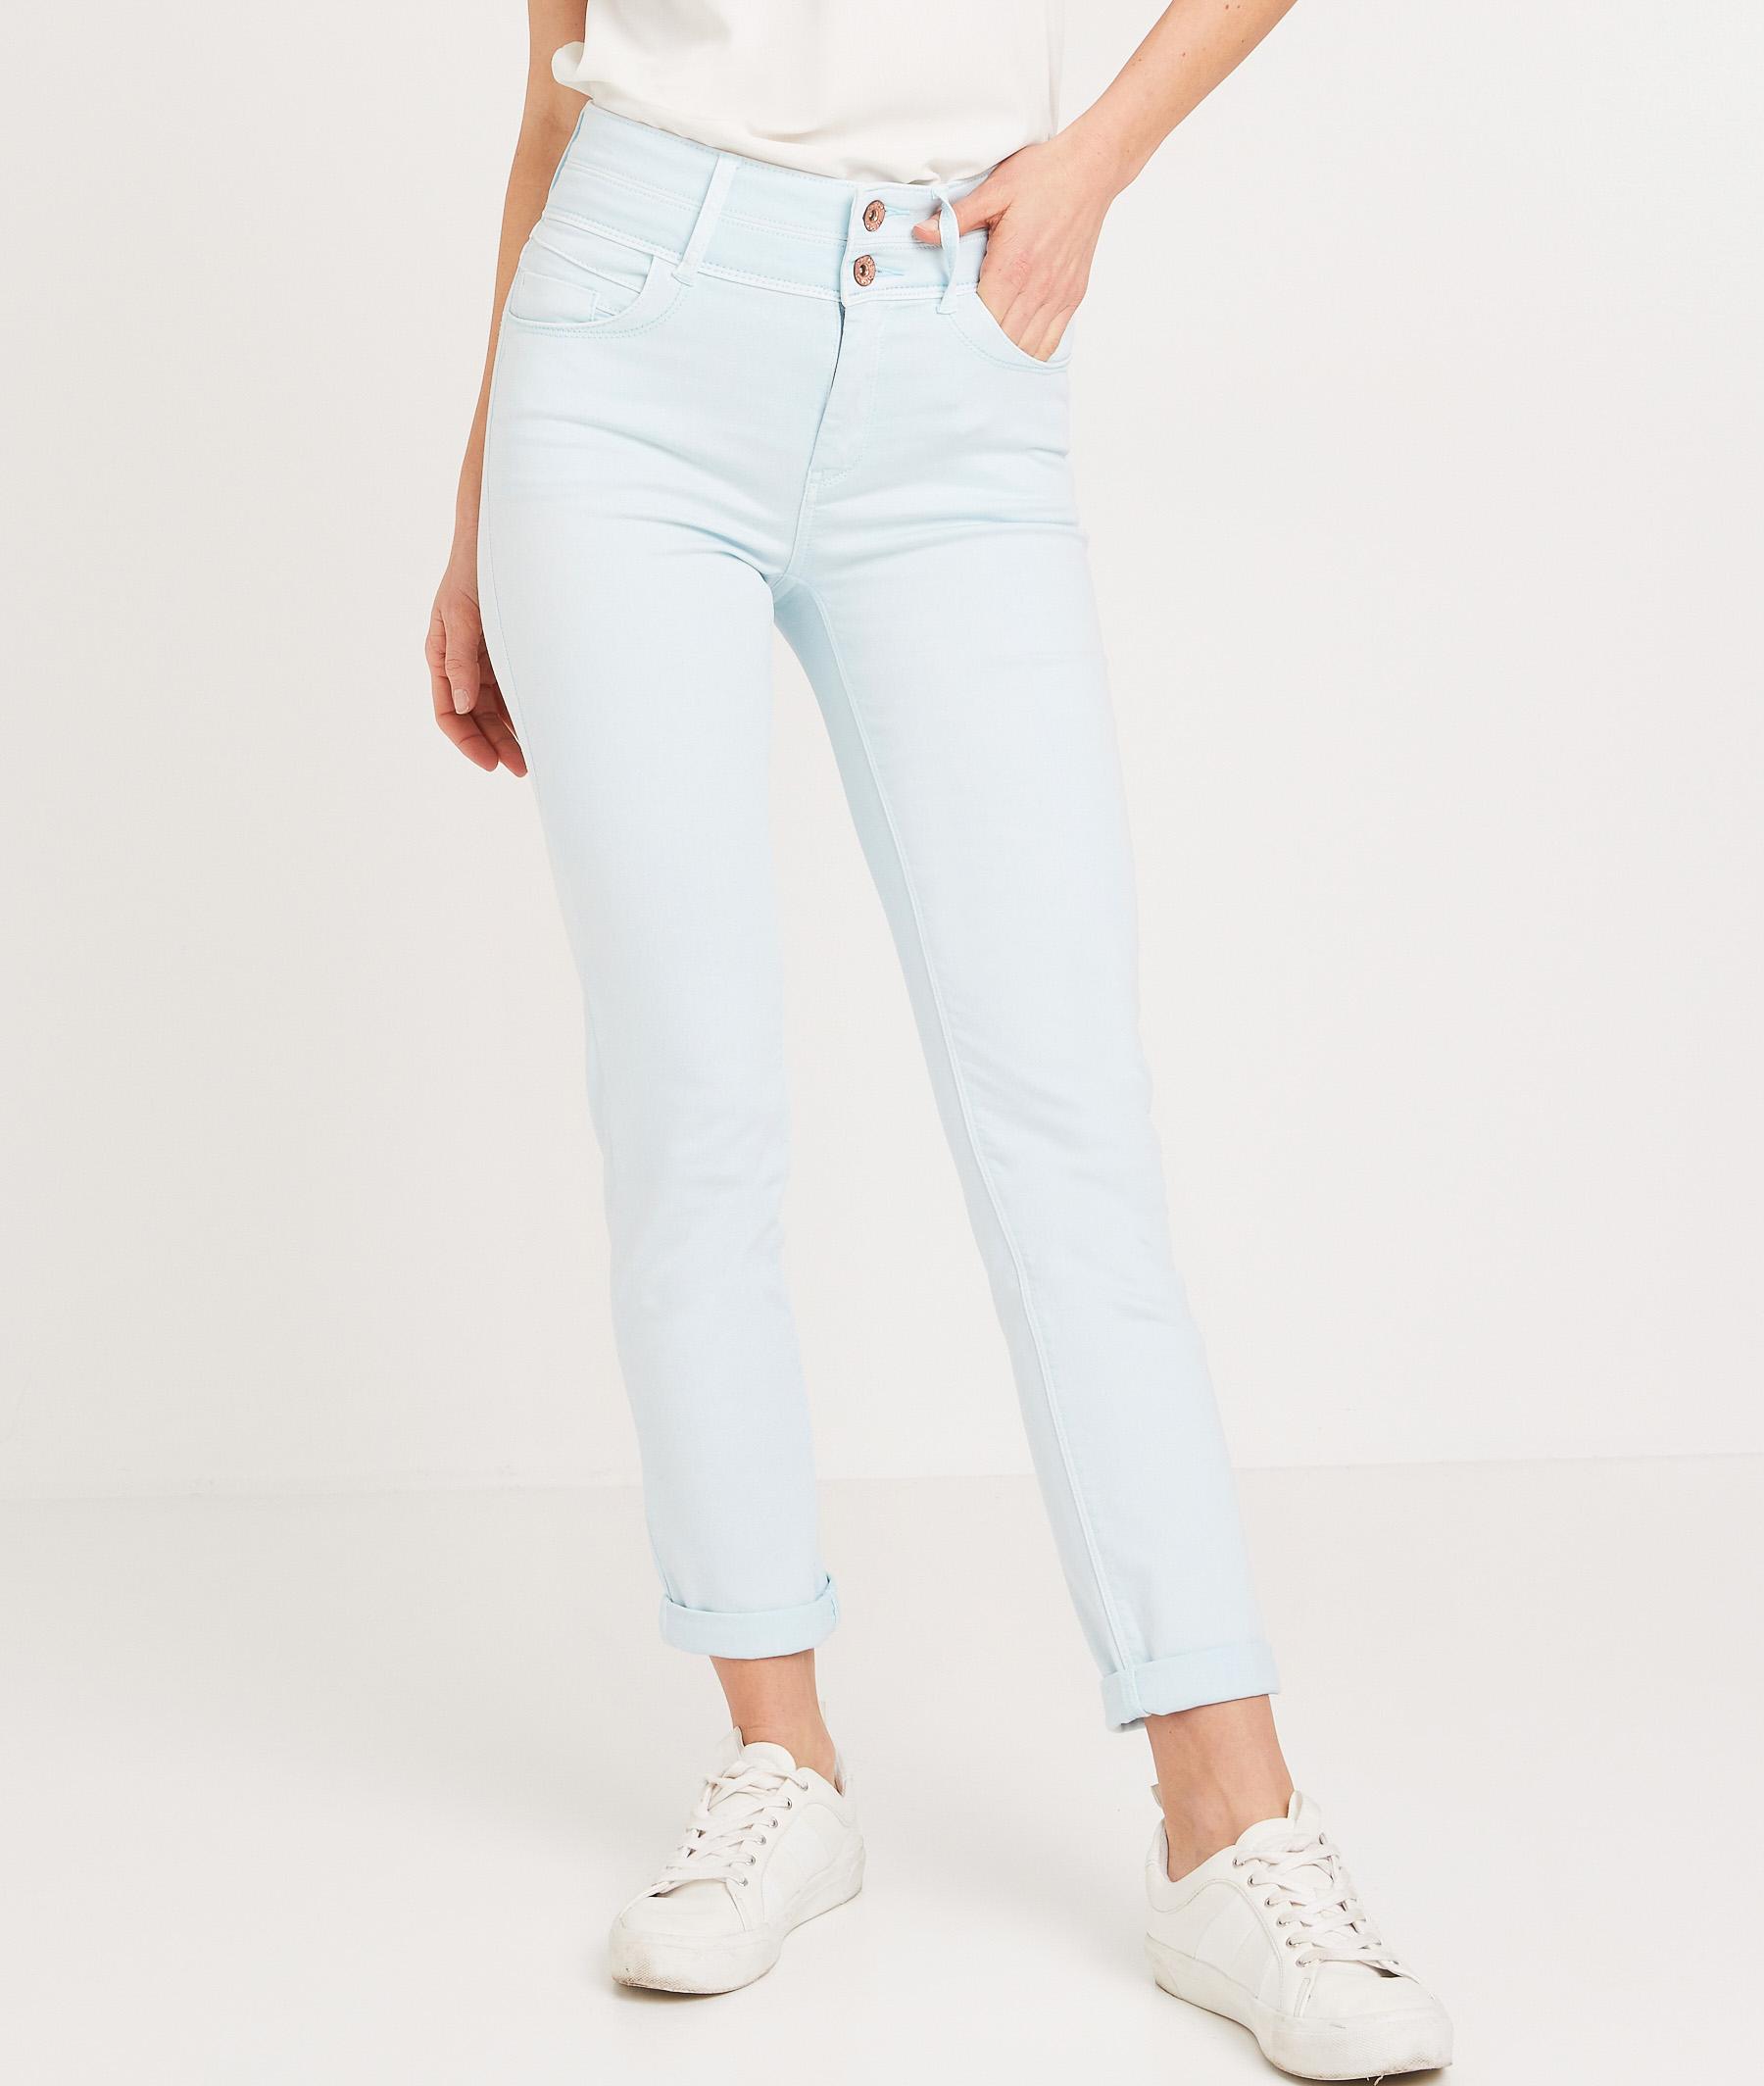 Pantalon taille haute raccourci femme LISERON